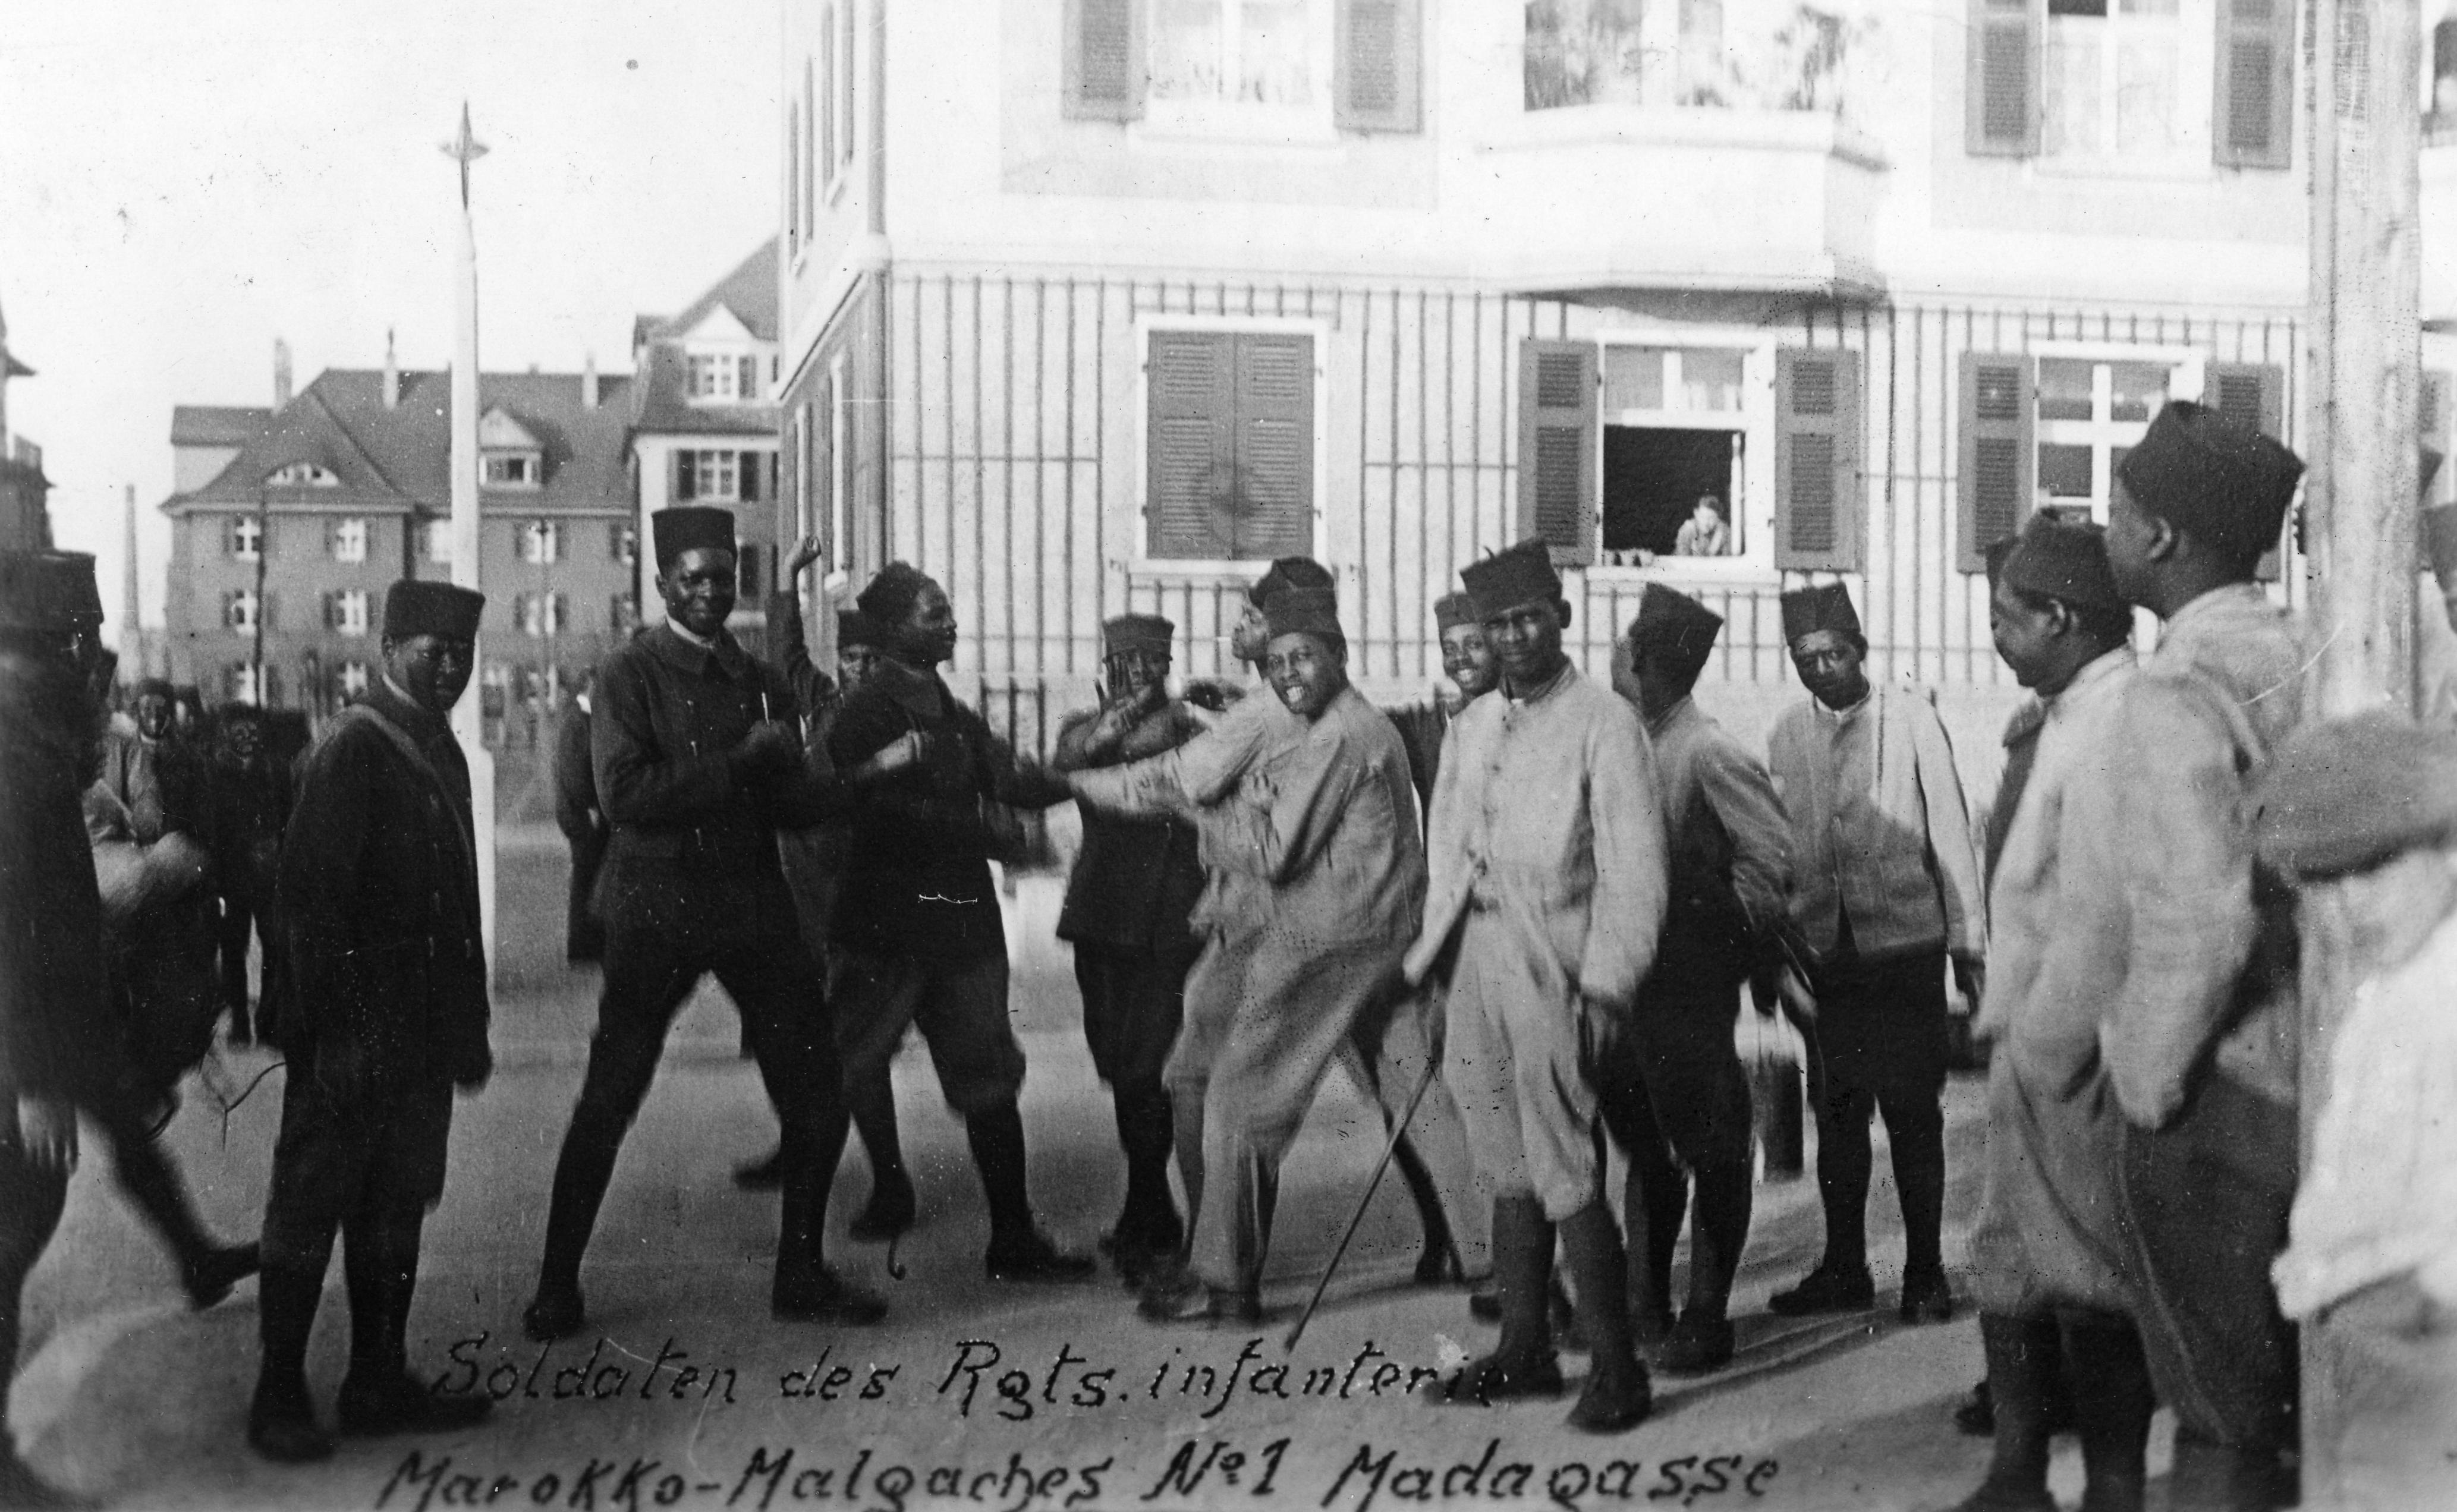 Ludwigshafen, Rheinlandbesetzung, Französische Truppen